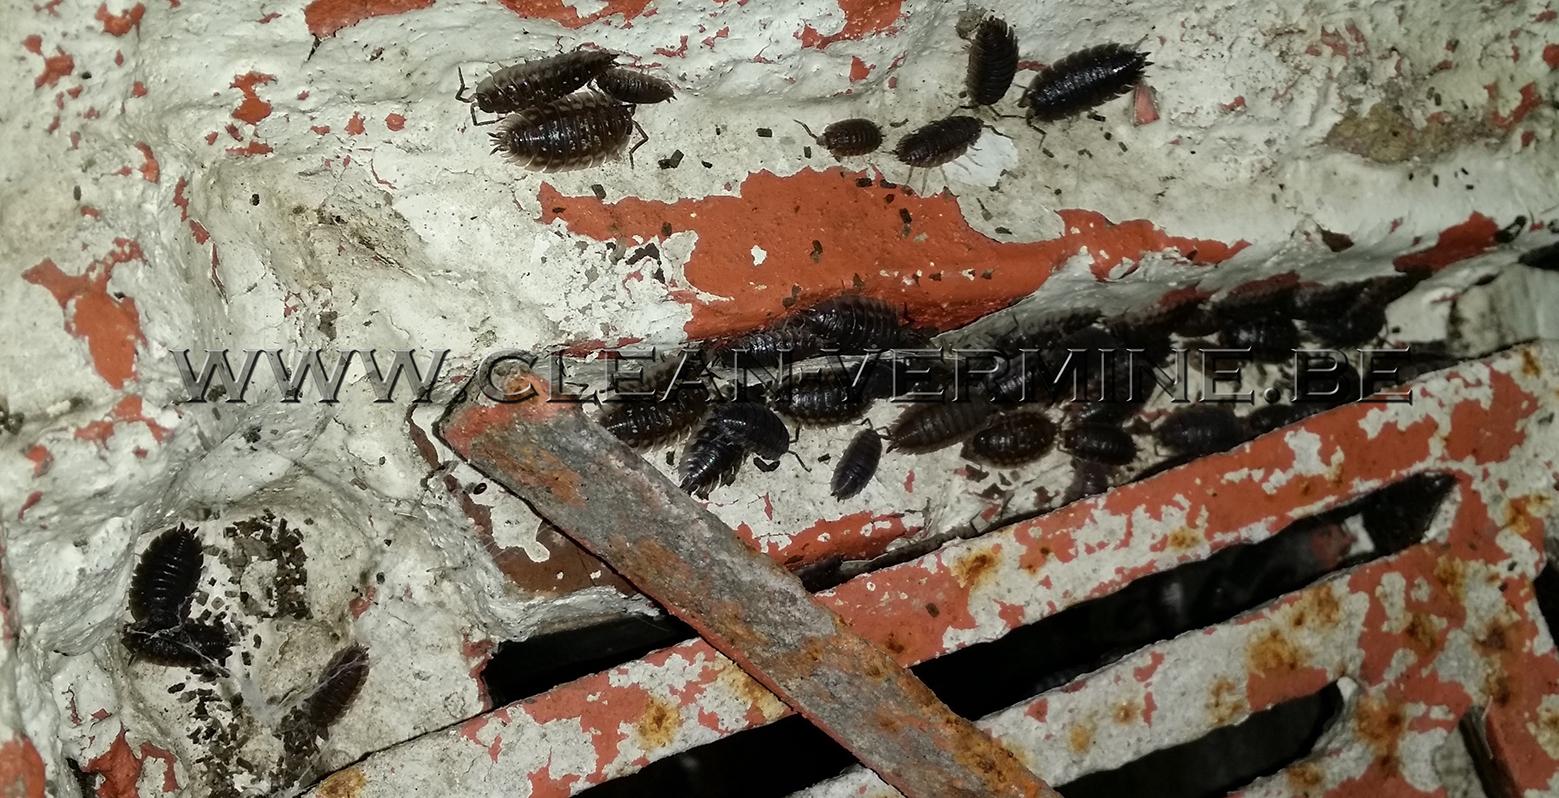 Se débarrasser des cloportes par désinfection professionnelle, les éliminant par pulvérisation, nébulisation, supprimer les cloportes, Clean Vermine